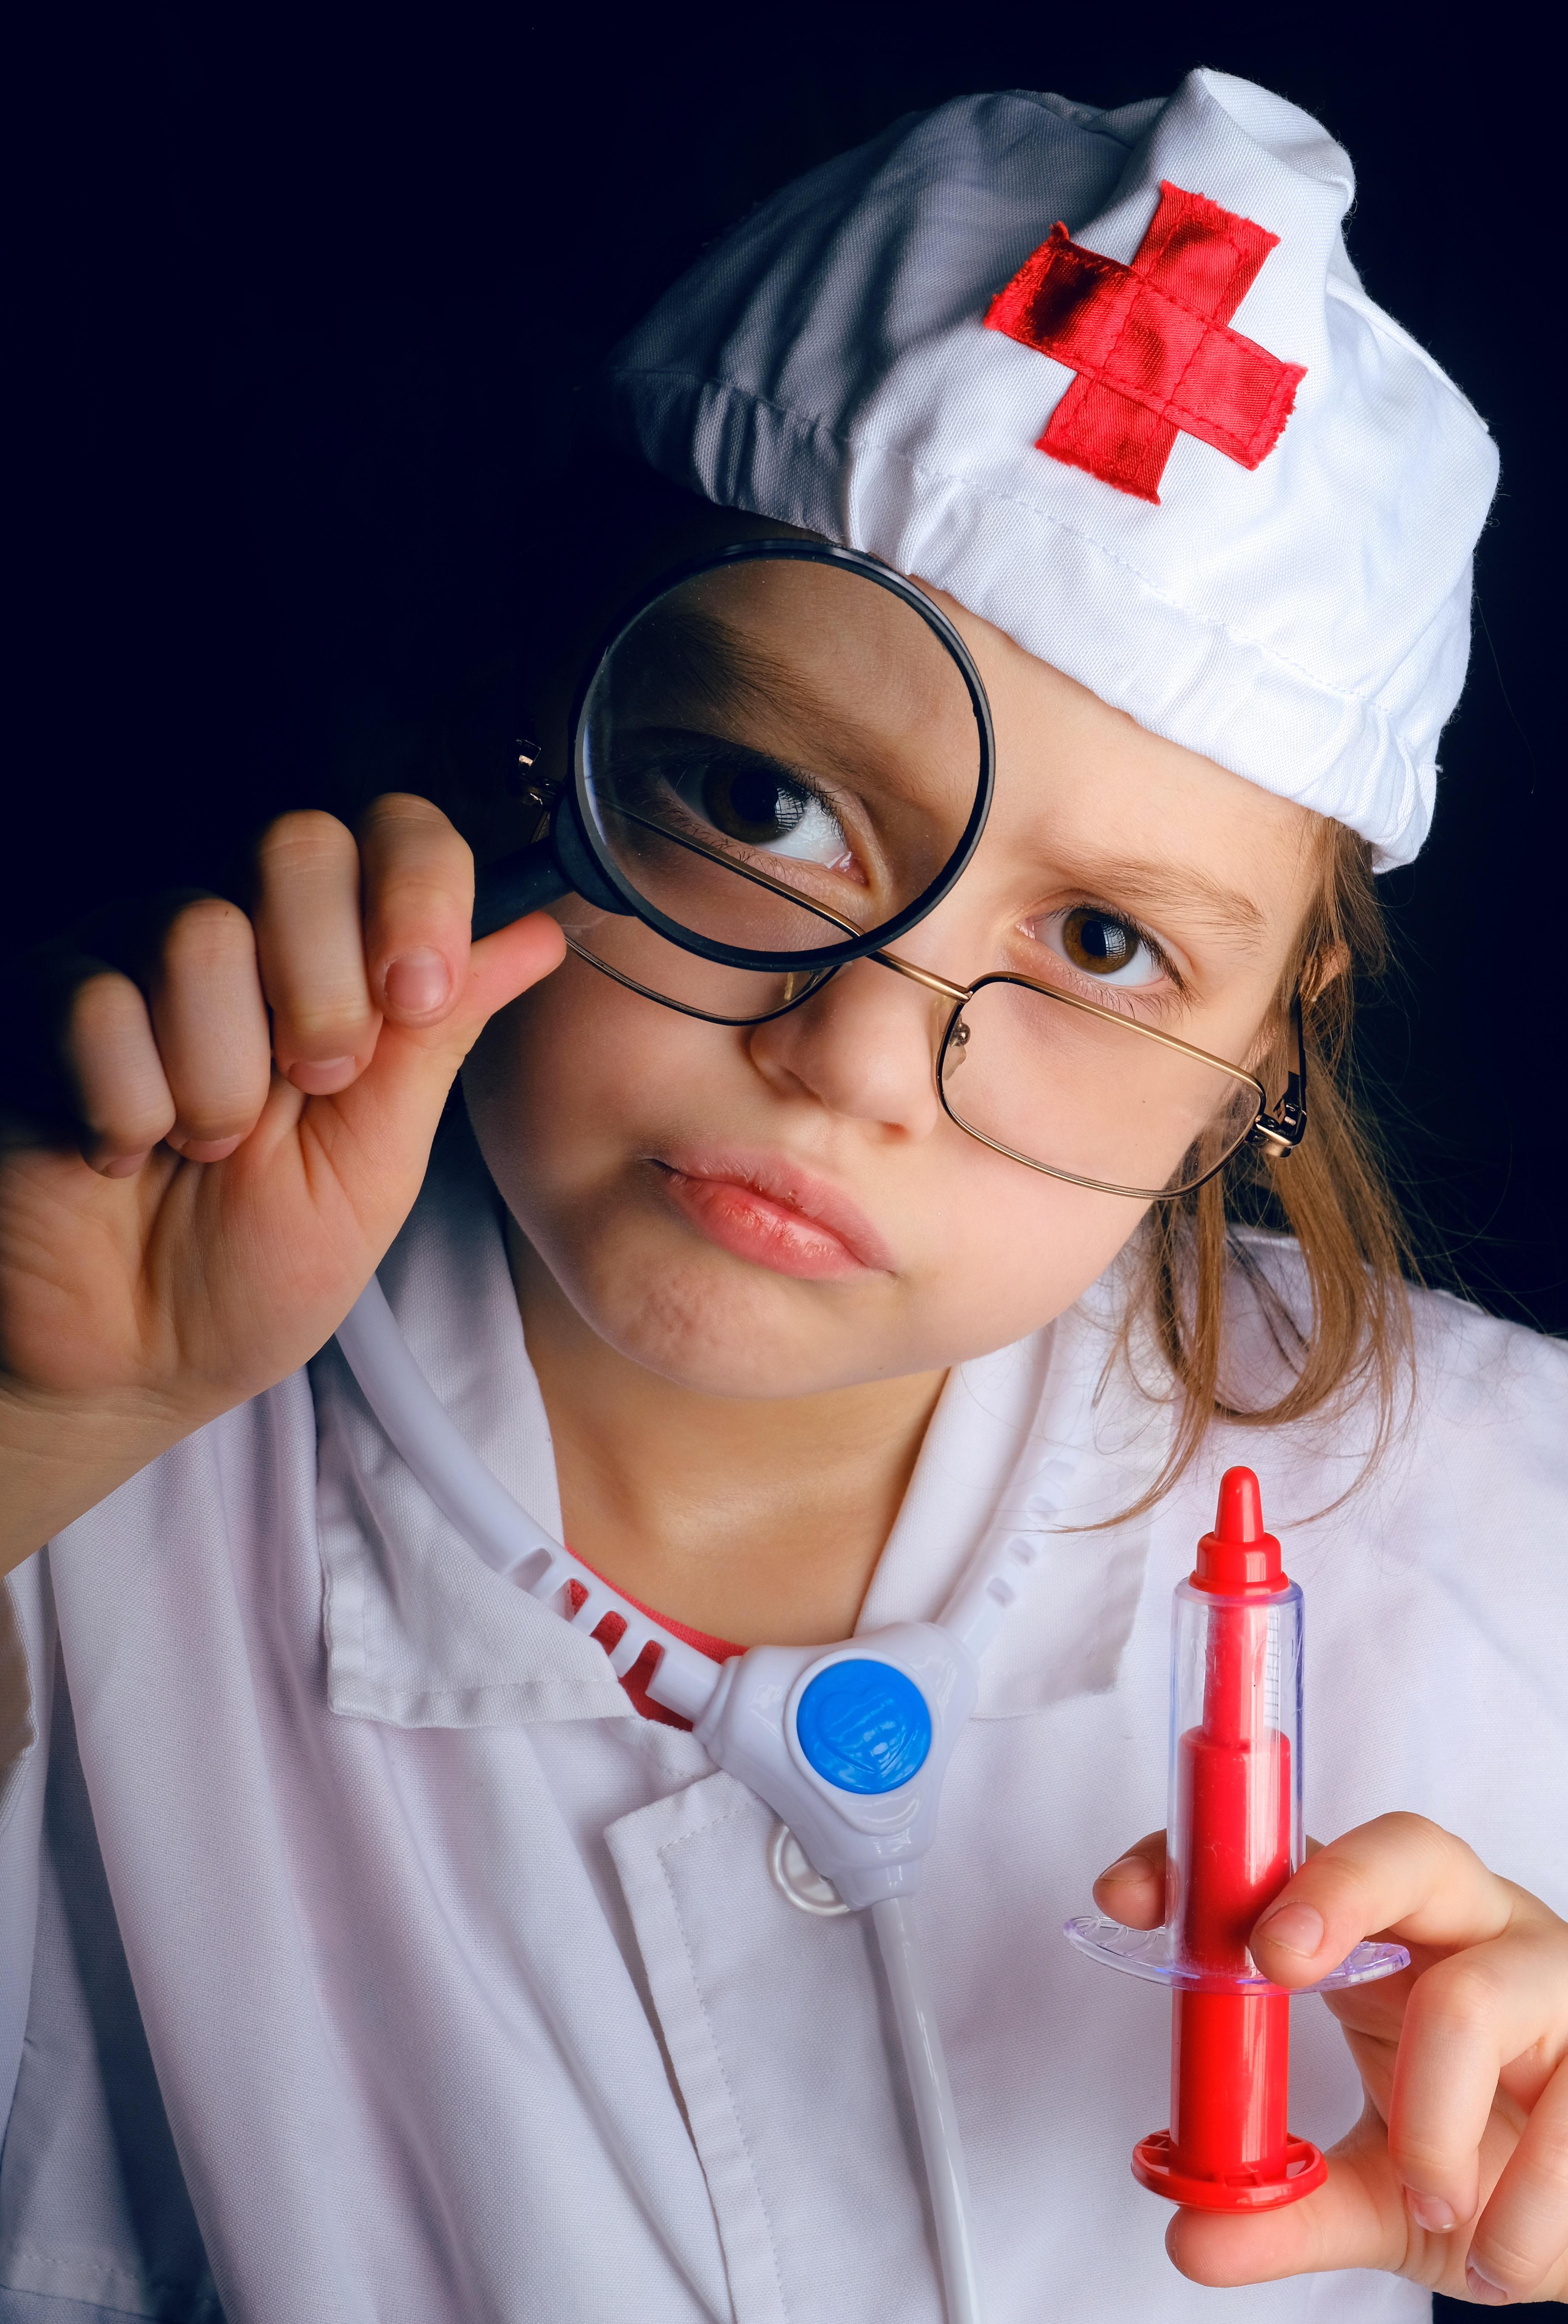 Бумаги, картинки про врачей смешные детские